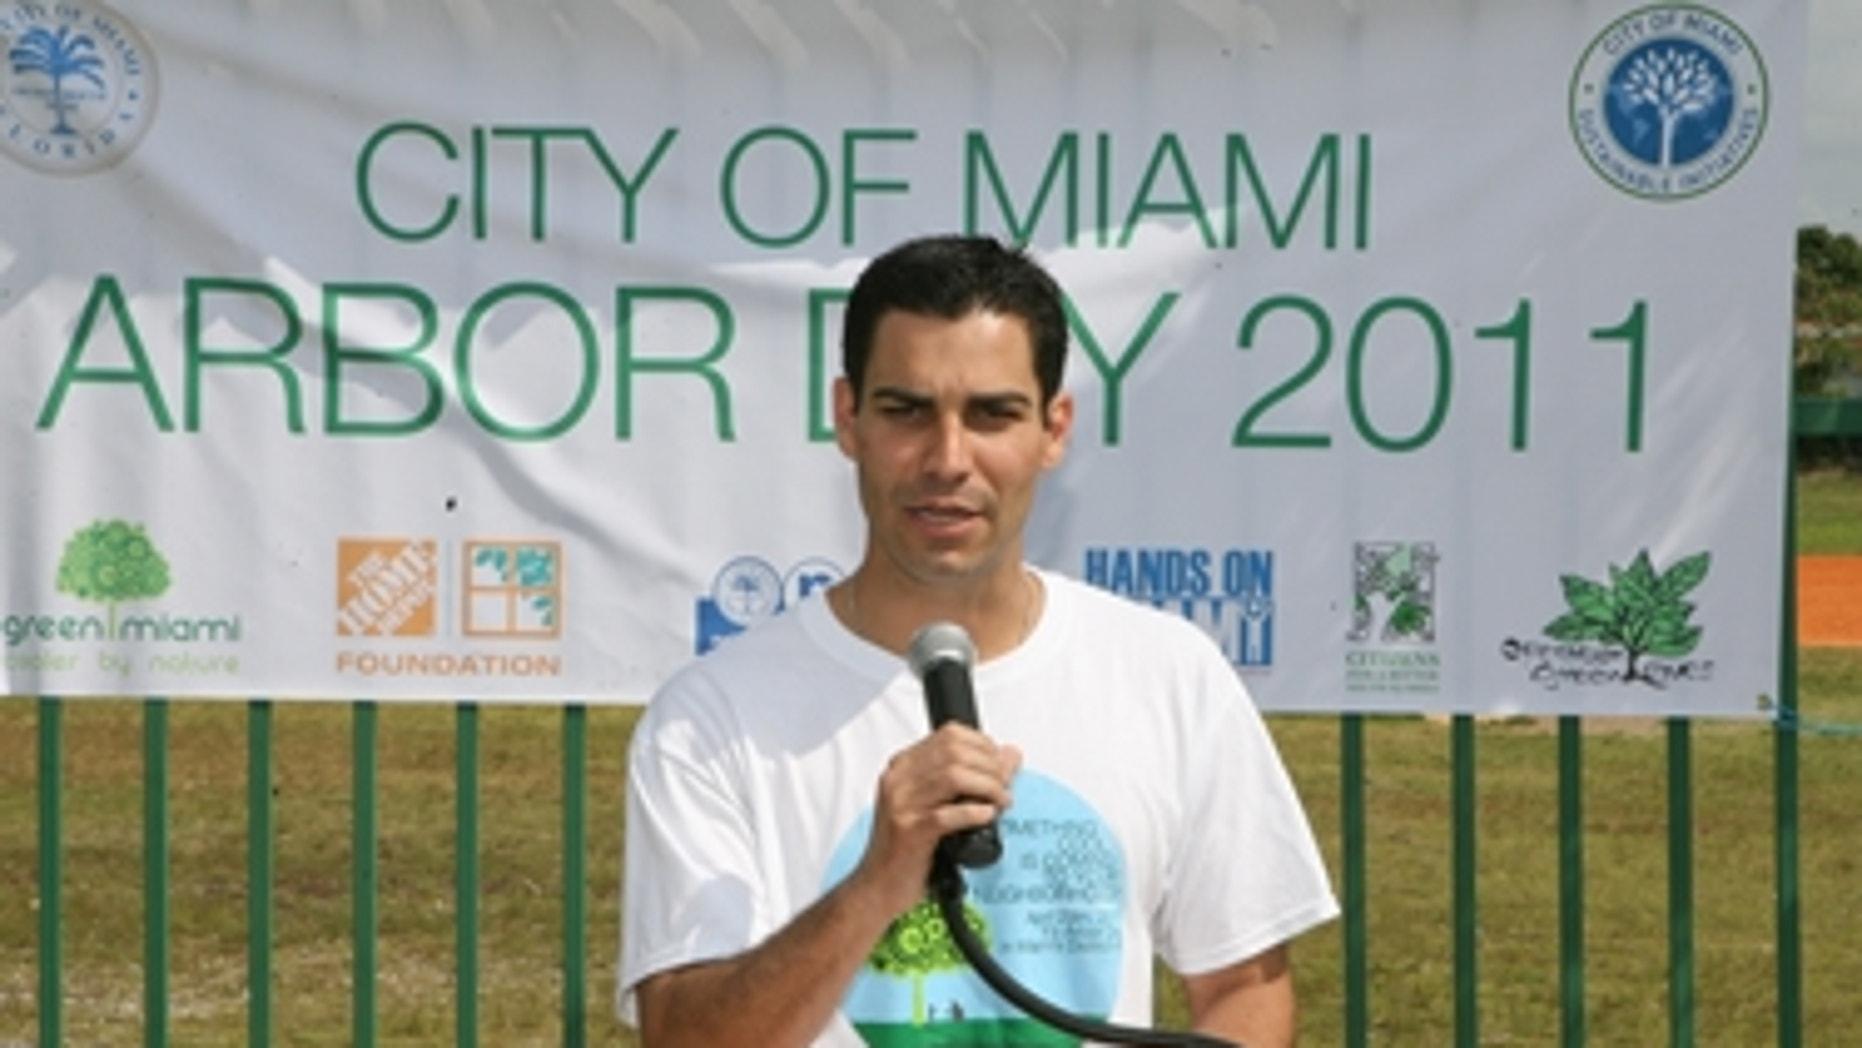 City Commissioner Francis Suarez